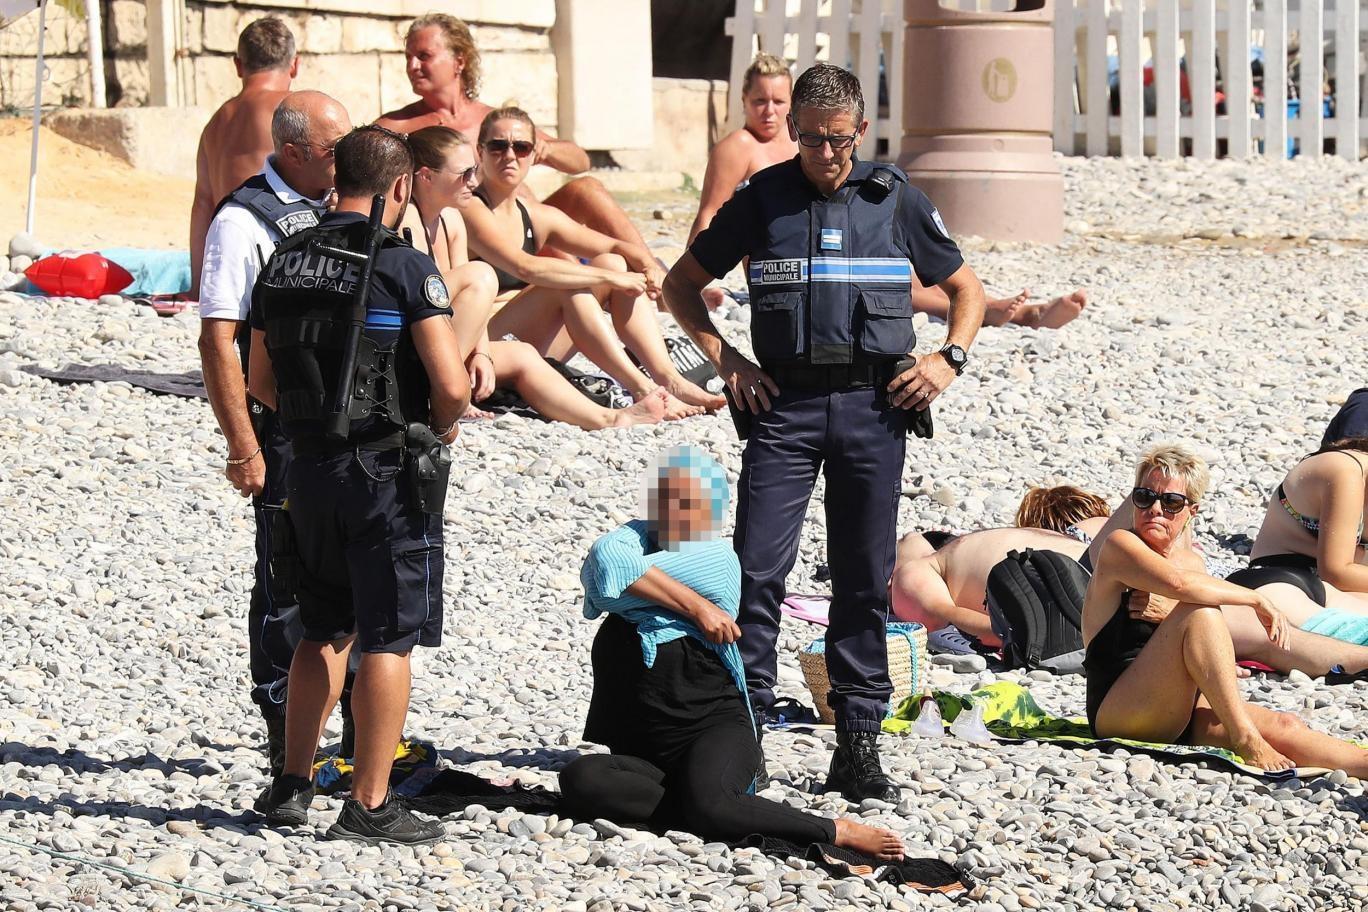 Cảnh sát Pháp yêu cầu một phụ nữ cởi bỏ trang phục burkini trên bãi biển ở thành phố Nice, Pháp (Ảnh: Independent)